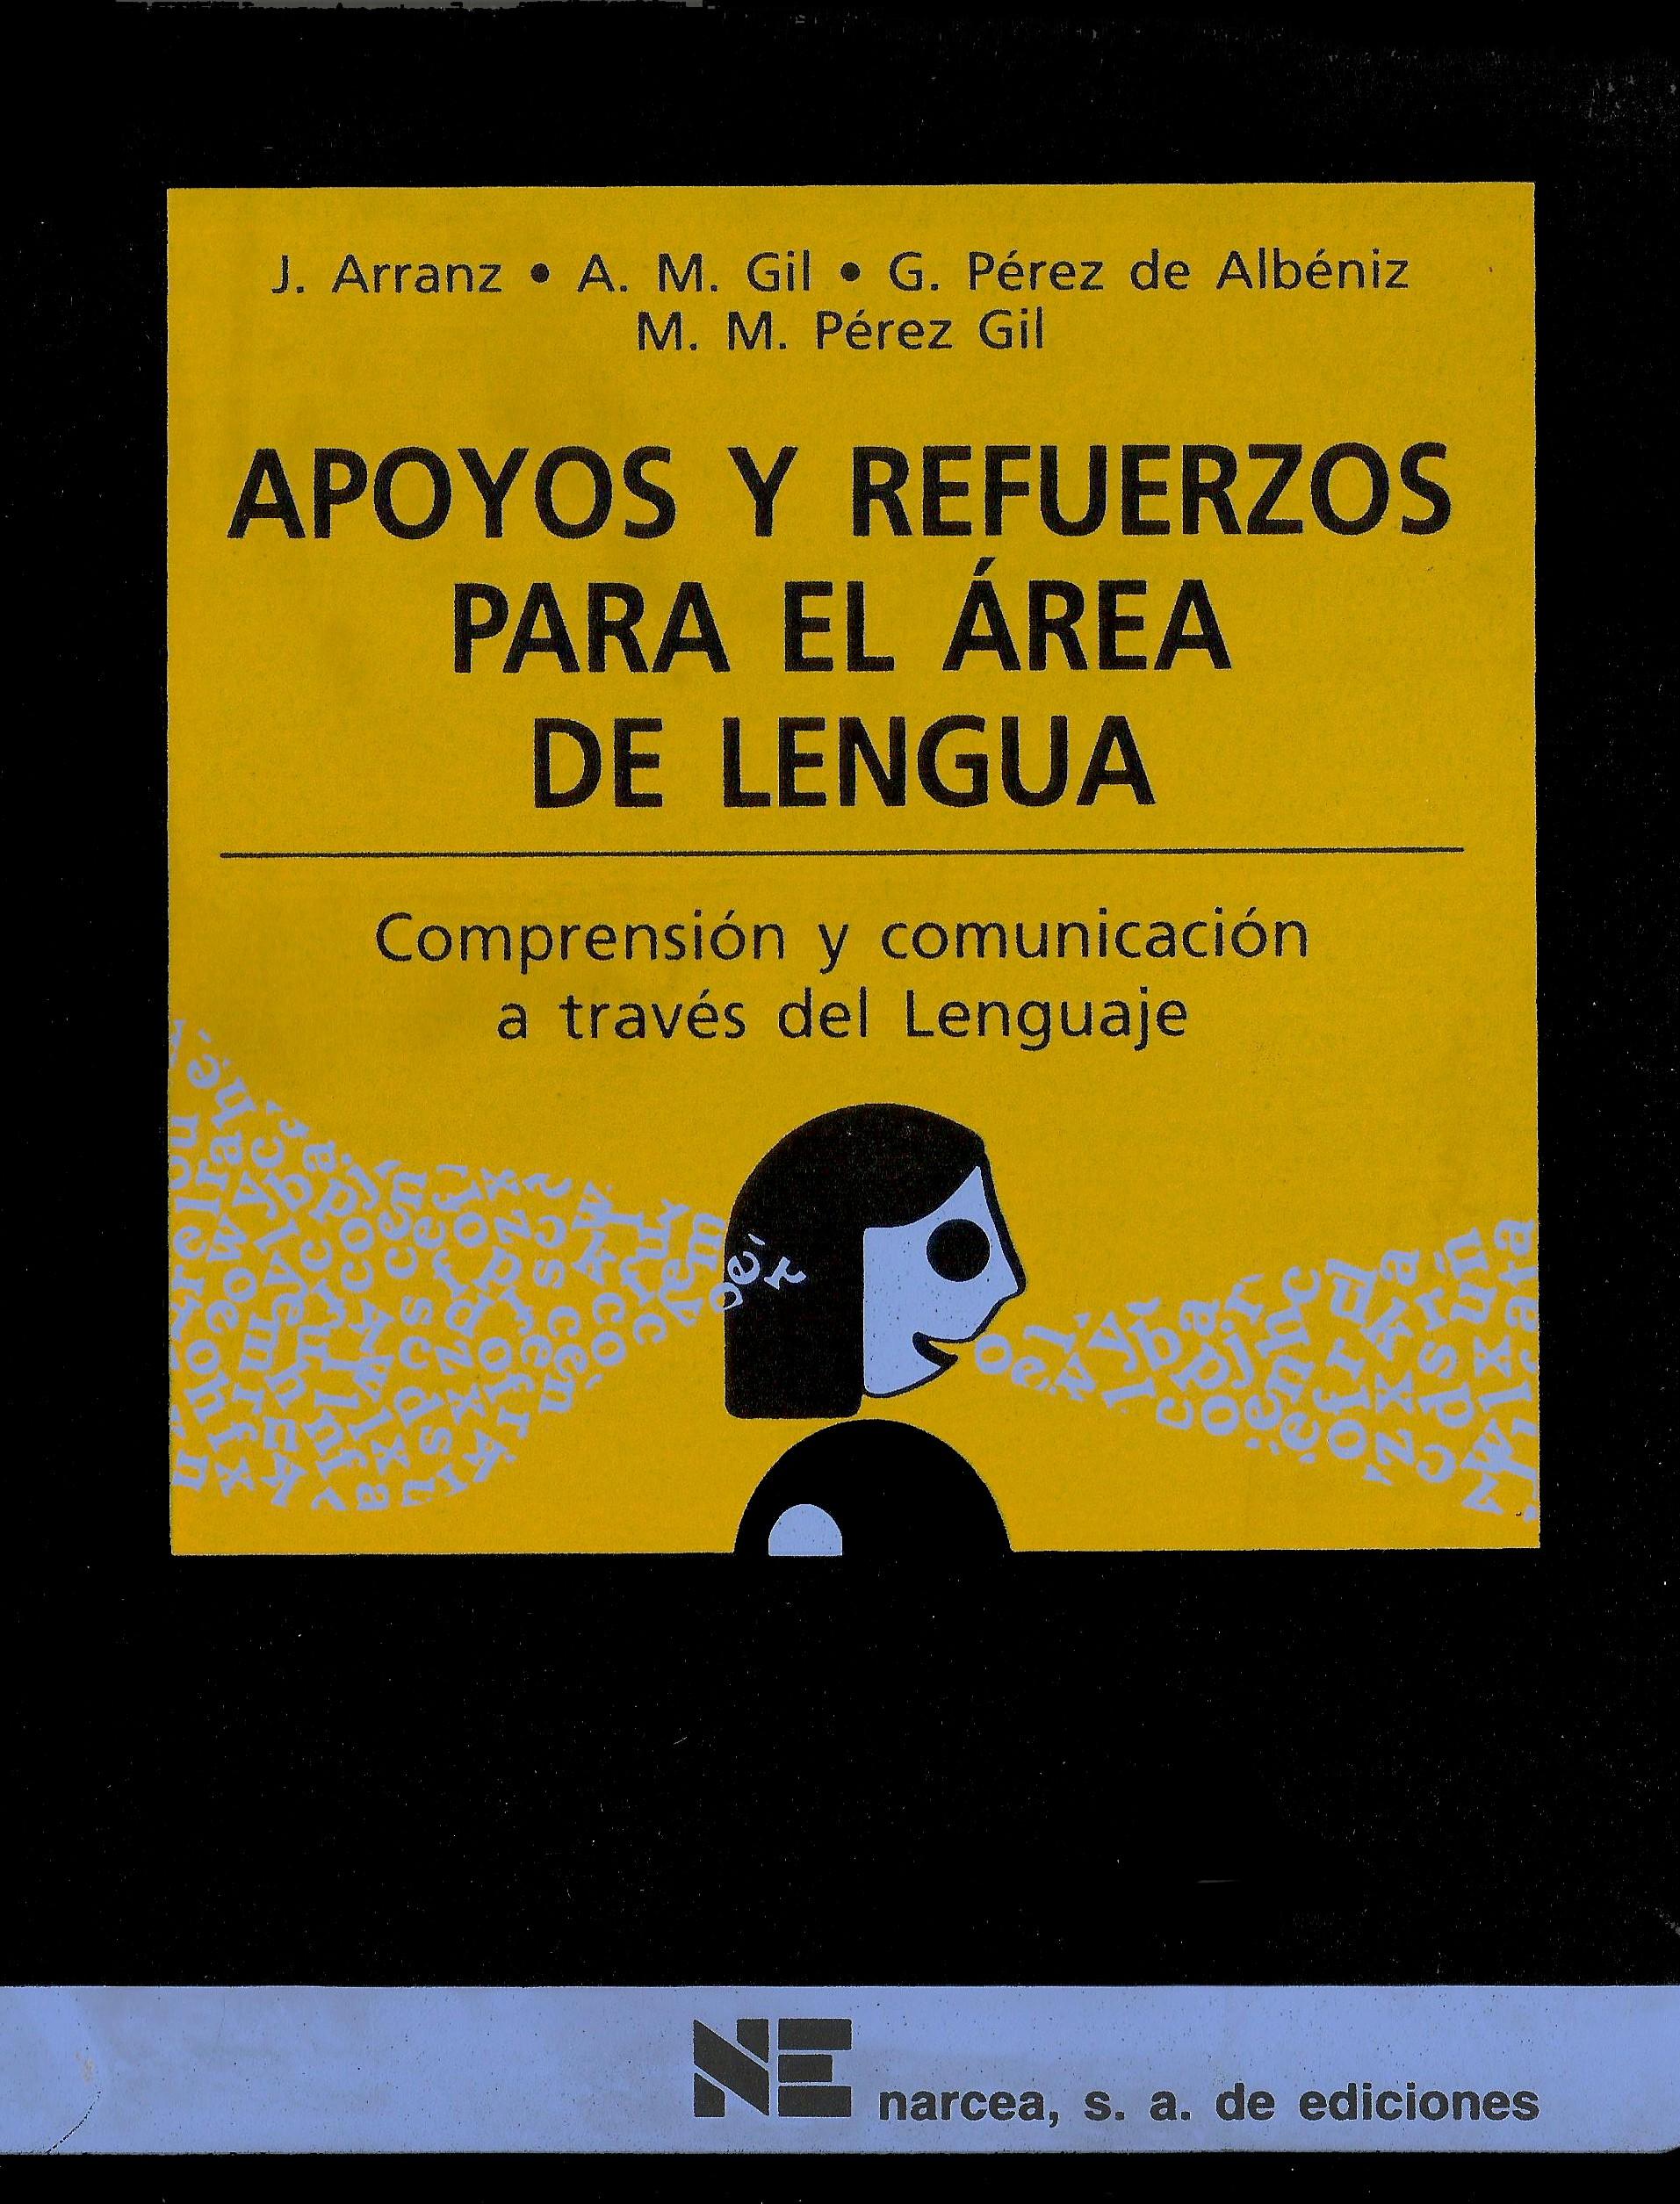 Apoyos y refuerzos para el área de Lengua